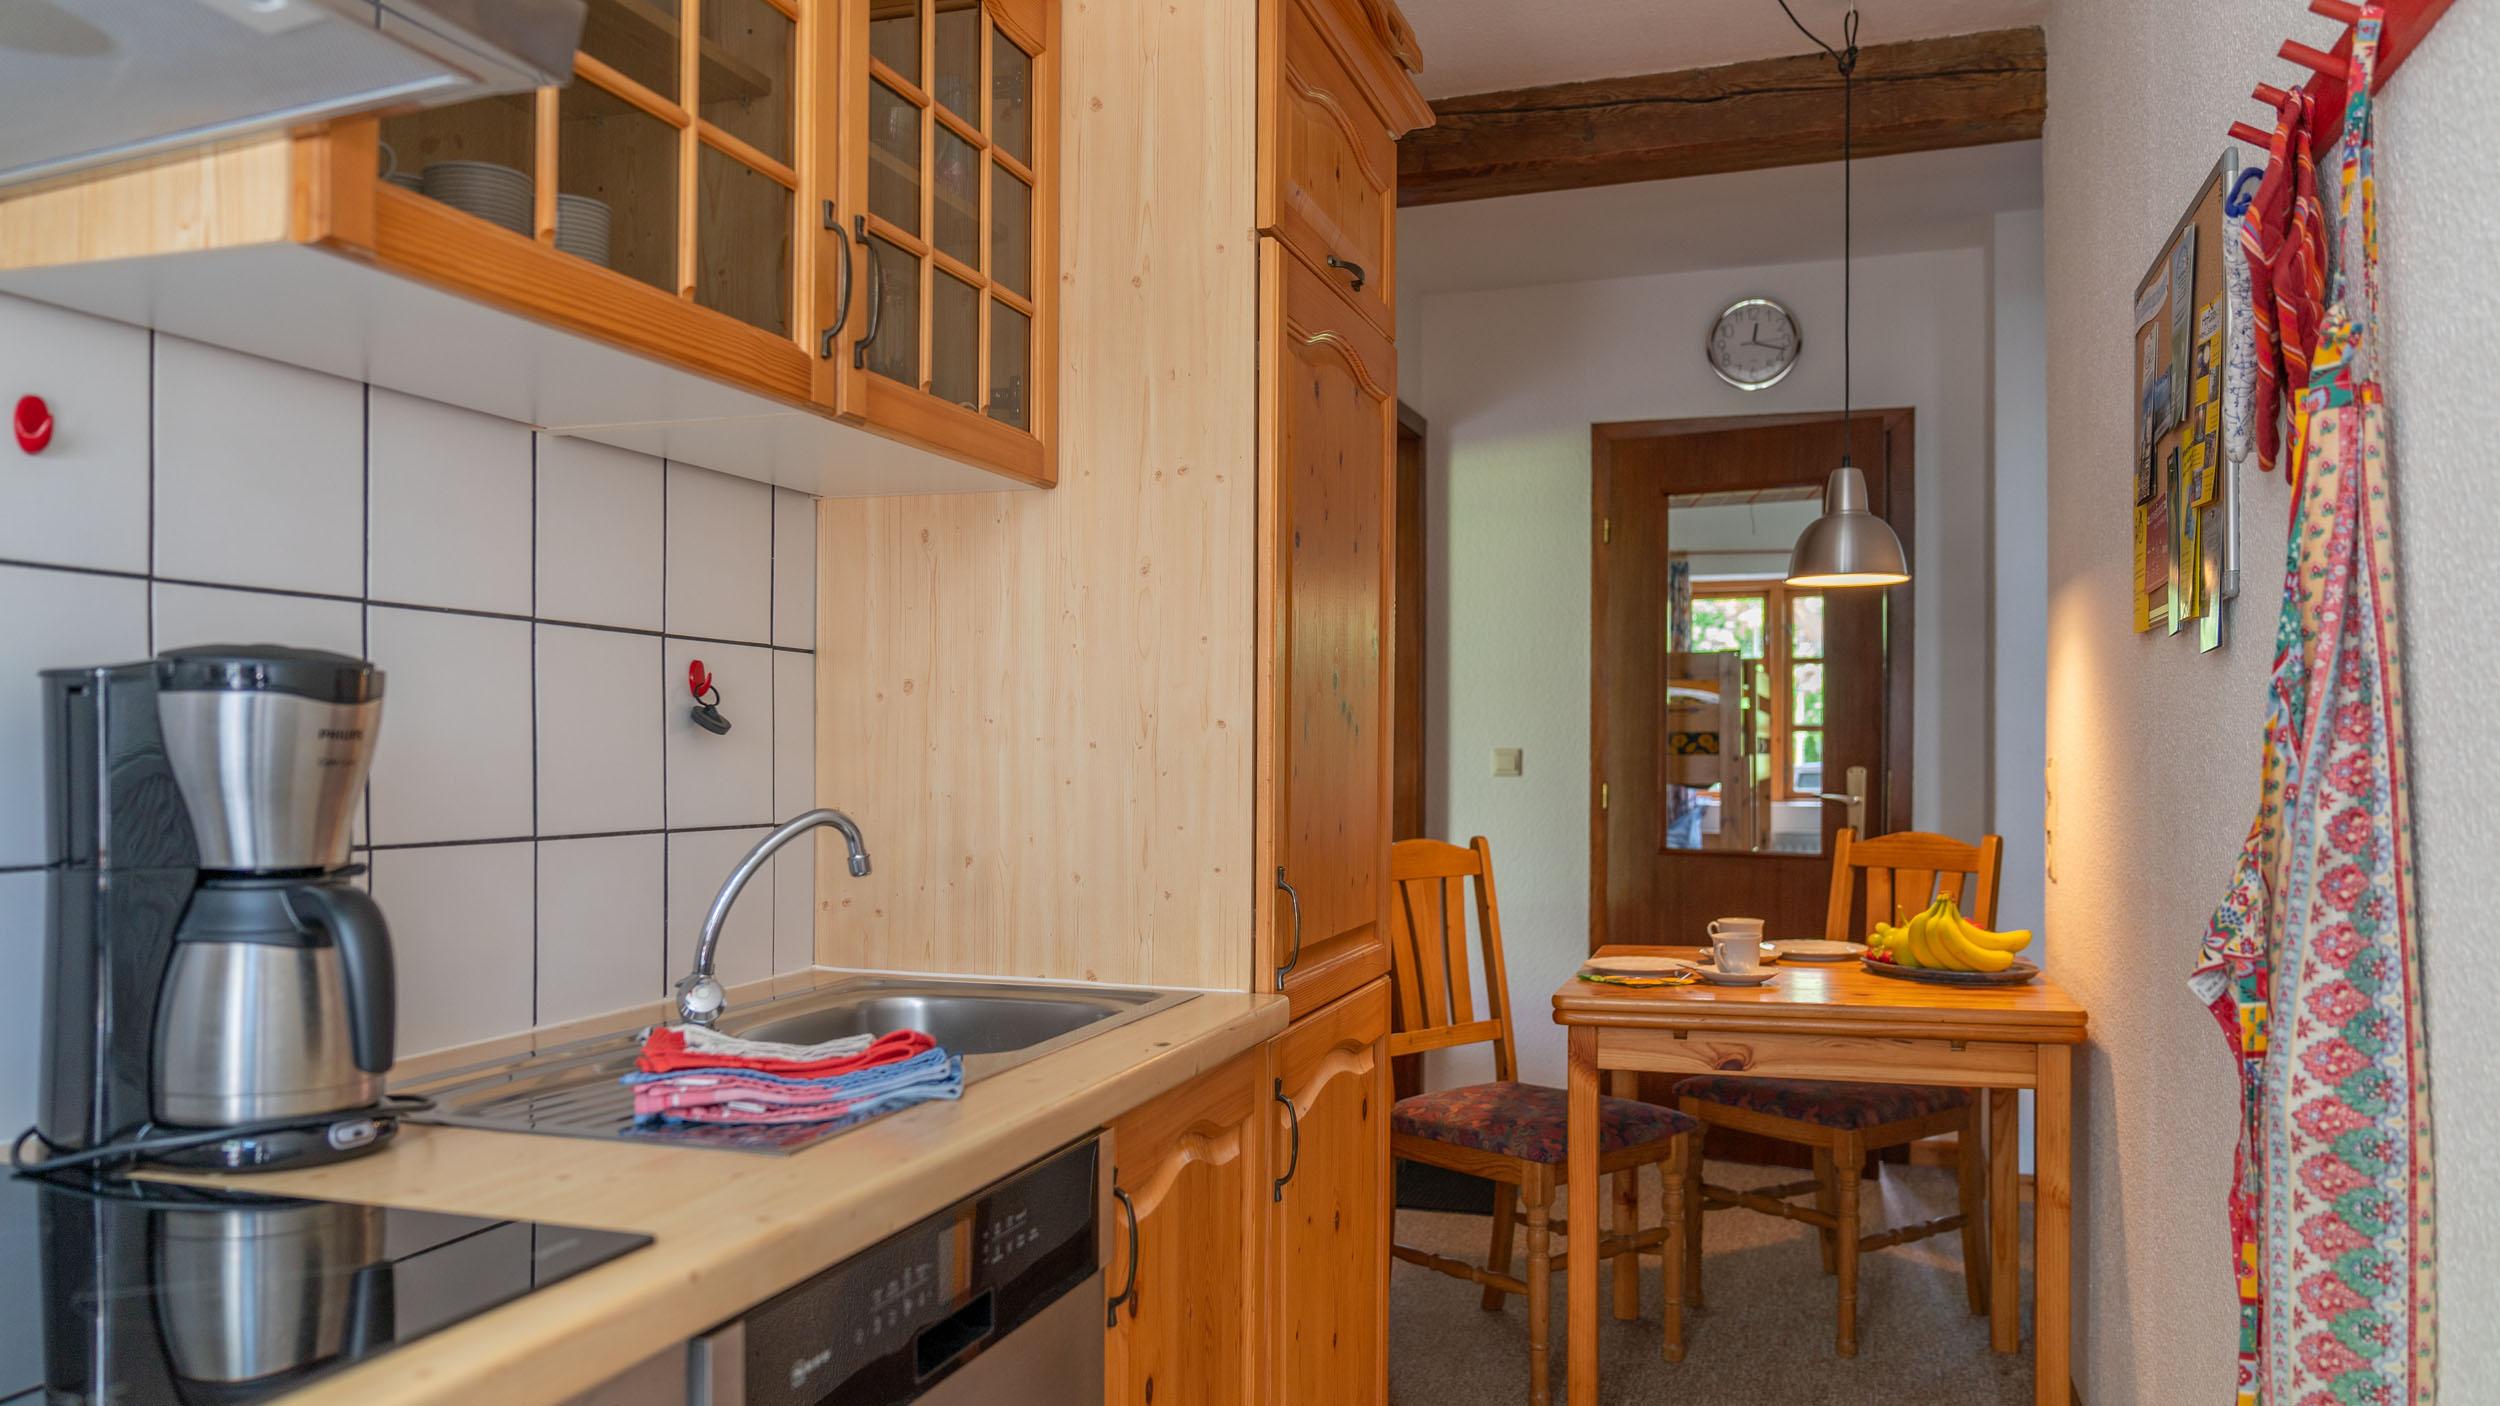 Haus Vogelkiek - Ferienwohnung Eiderente - Küche